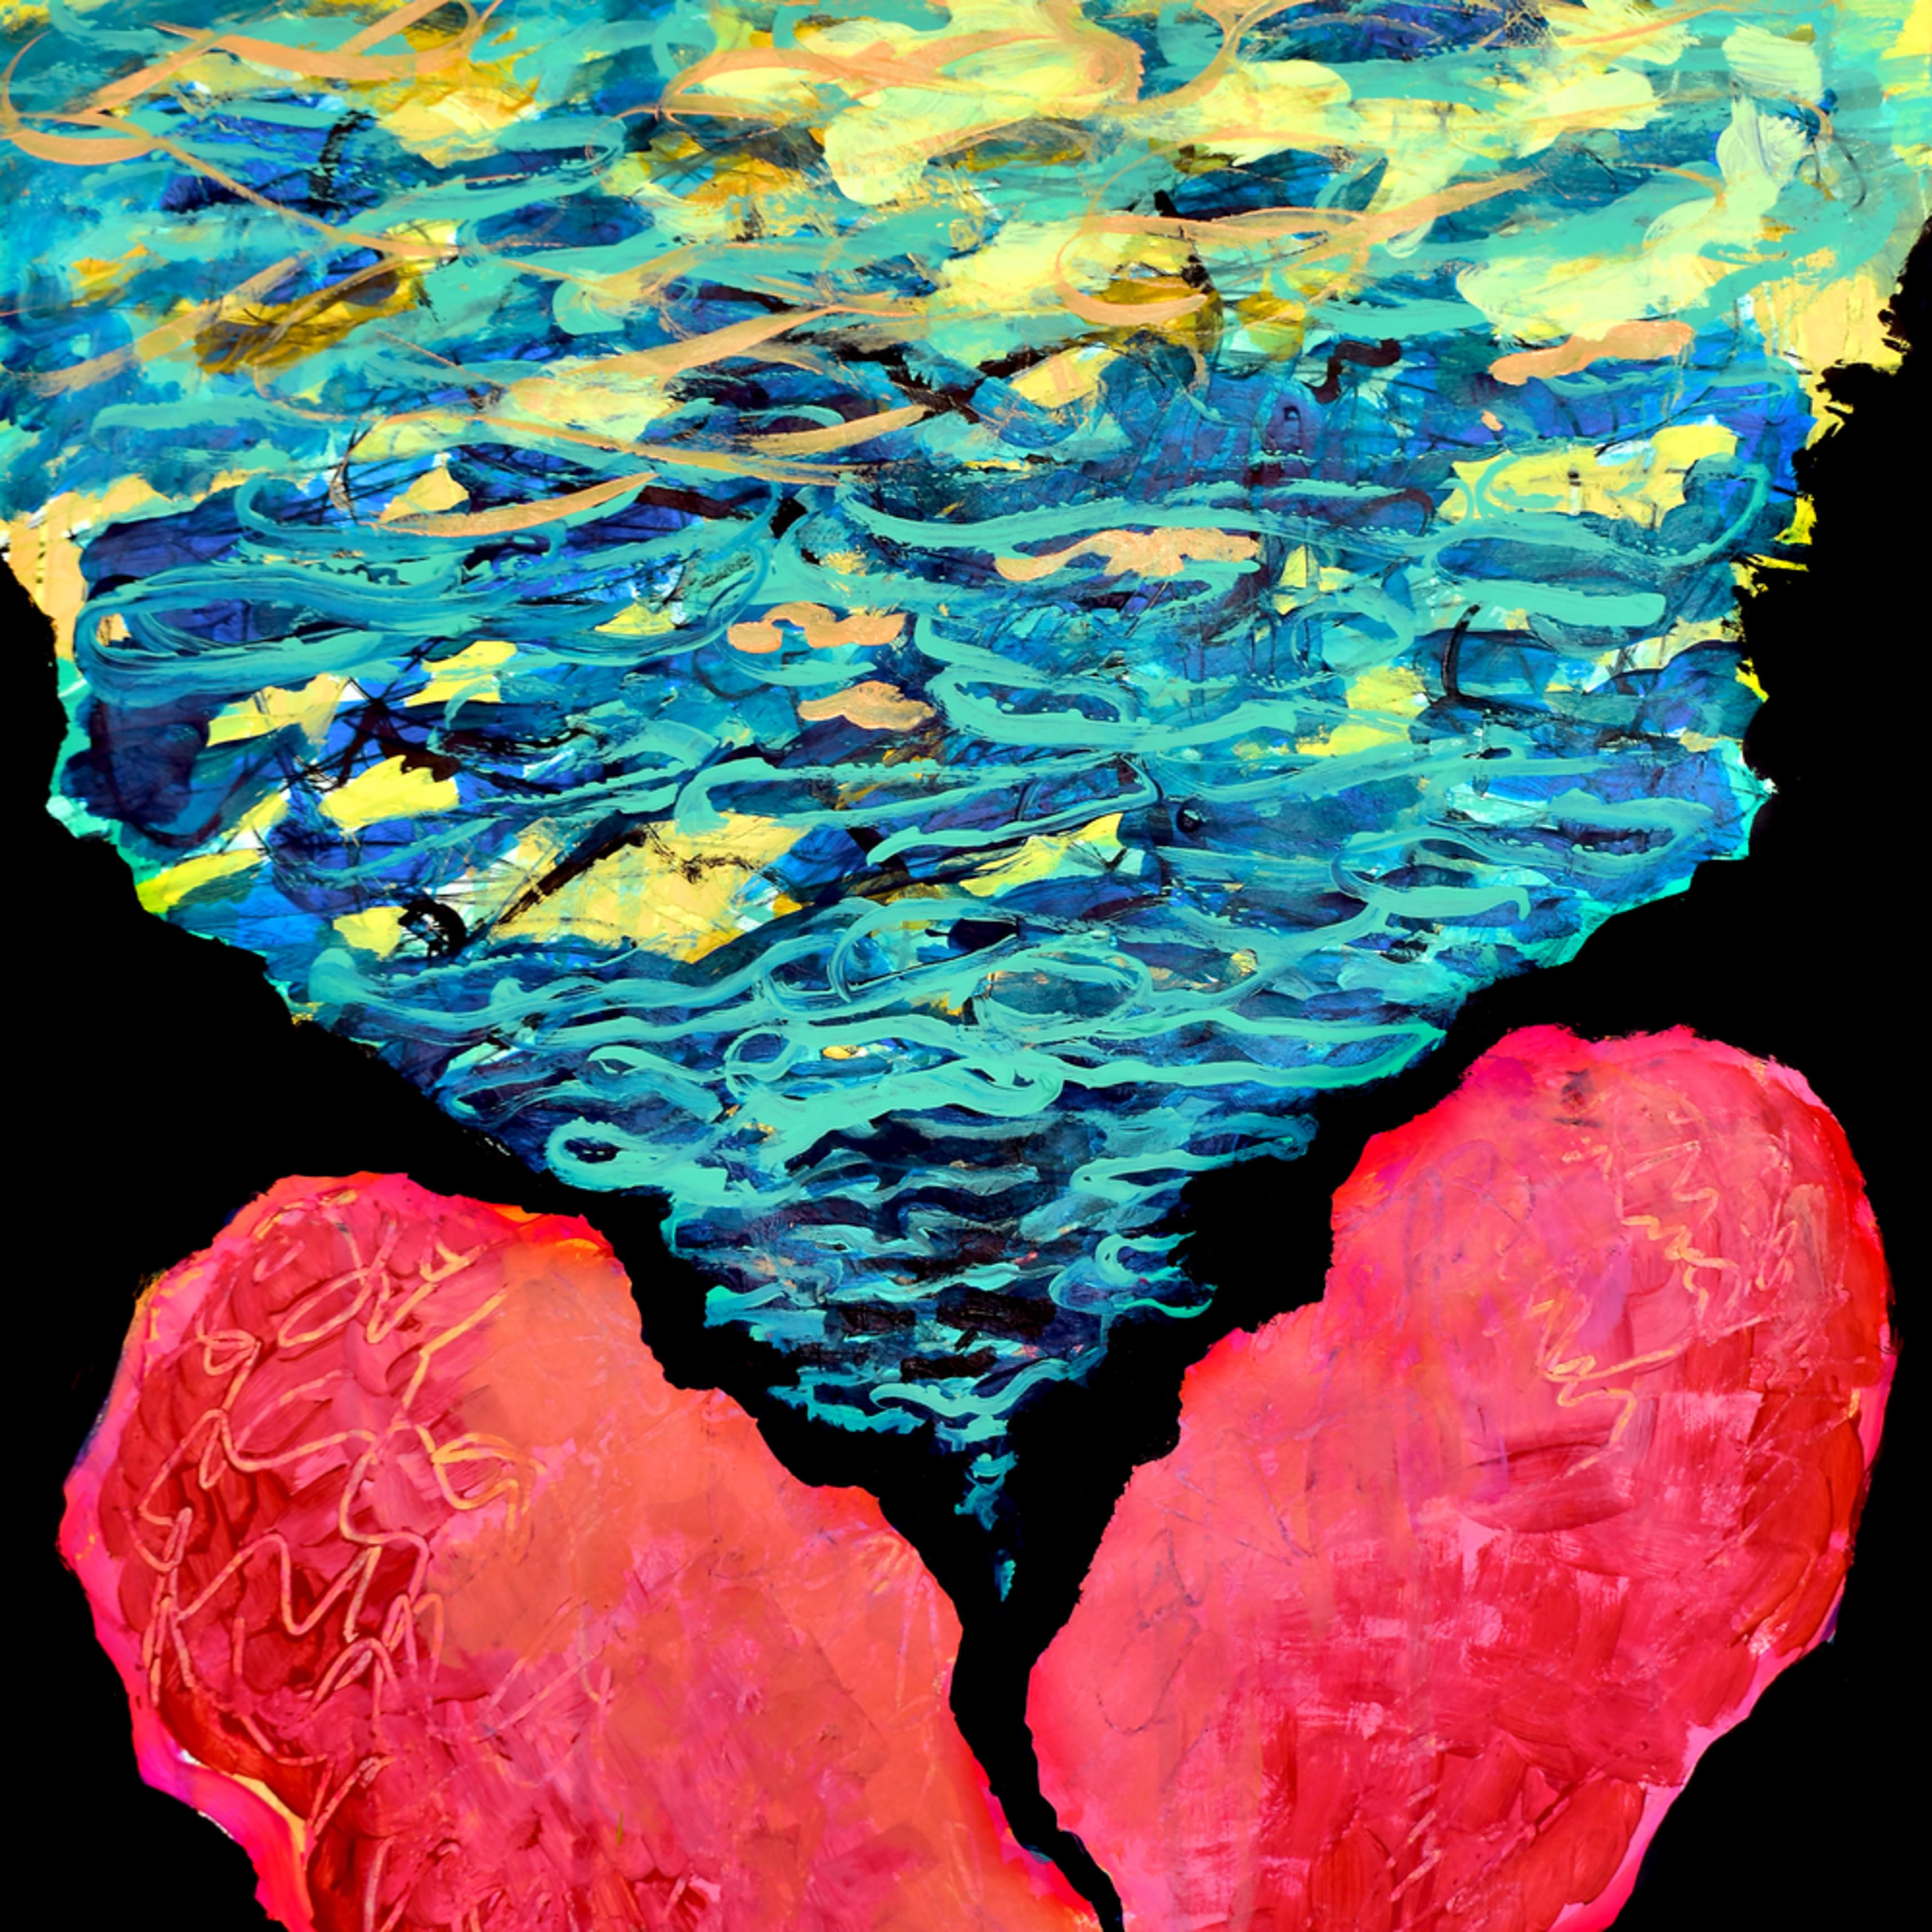 Feeltheheartbreak jhahn ymvpjw